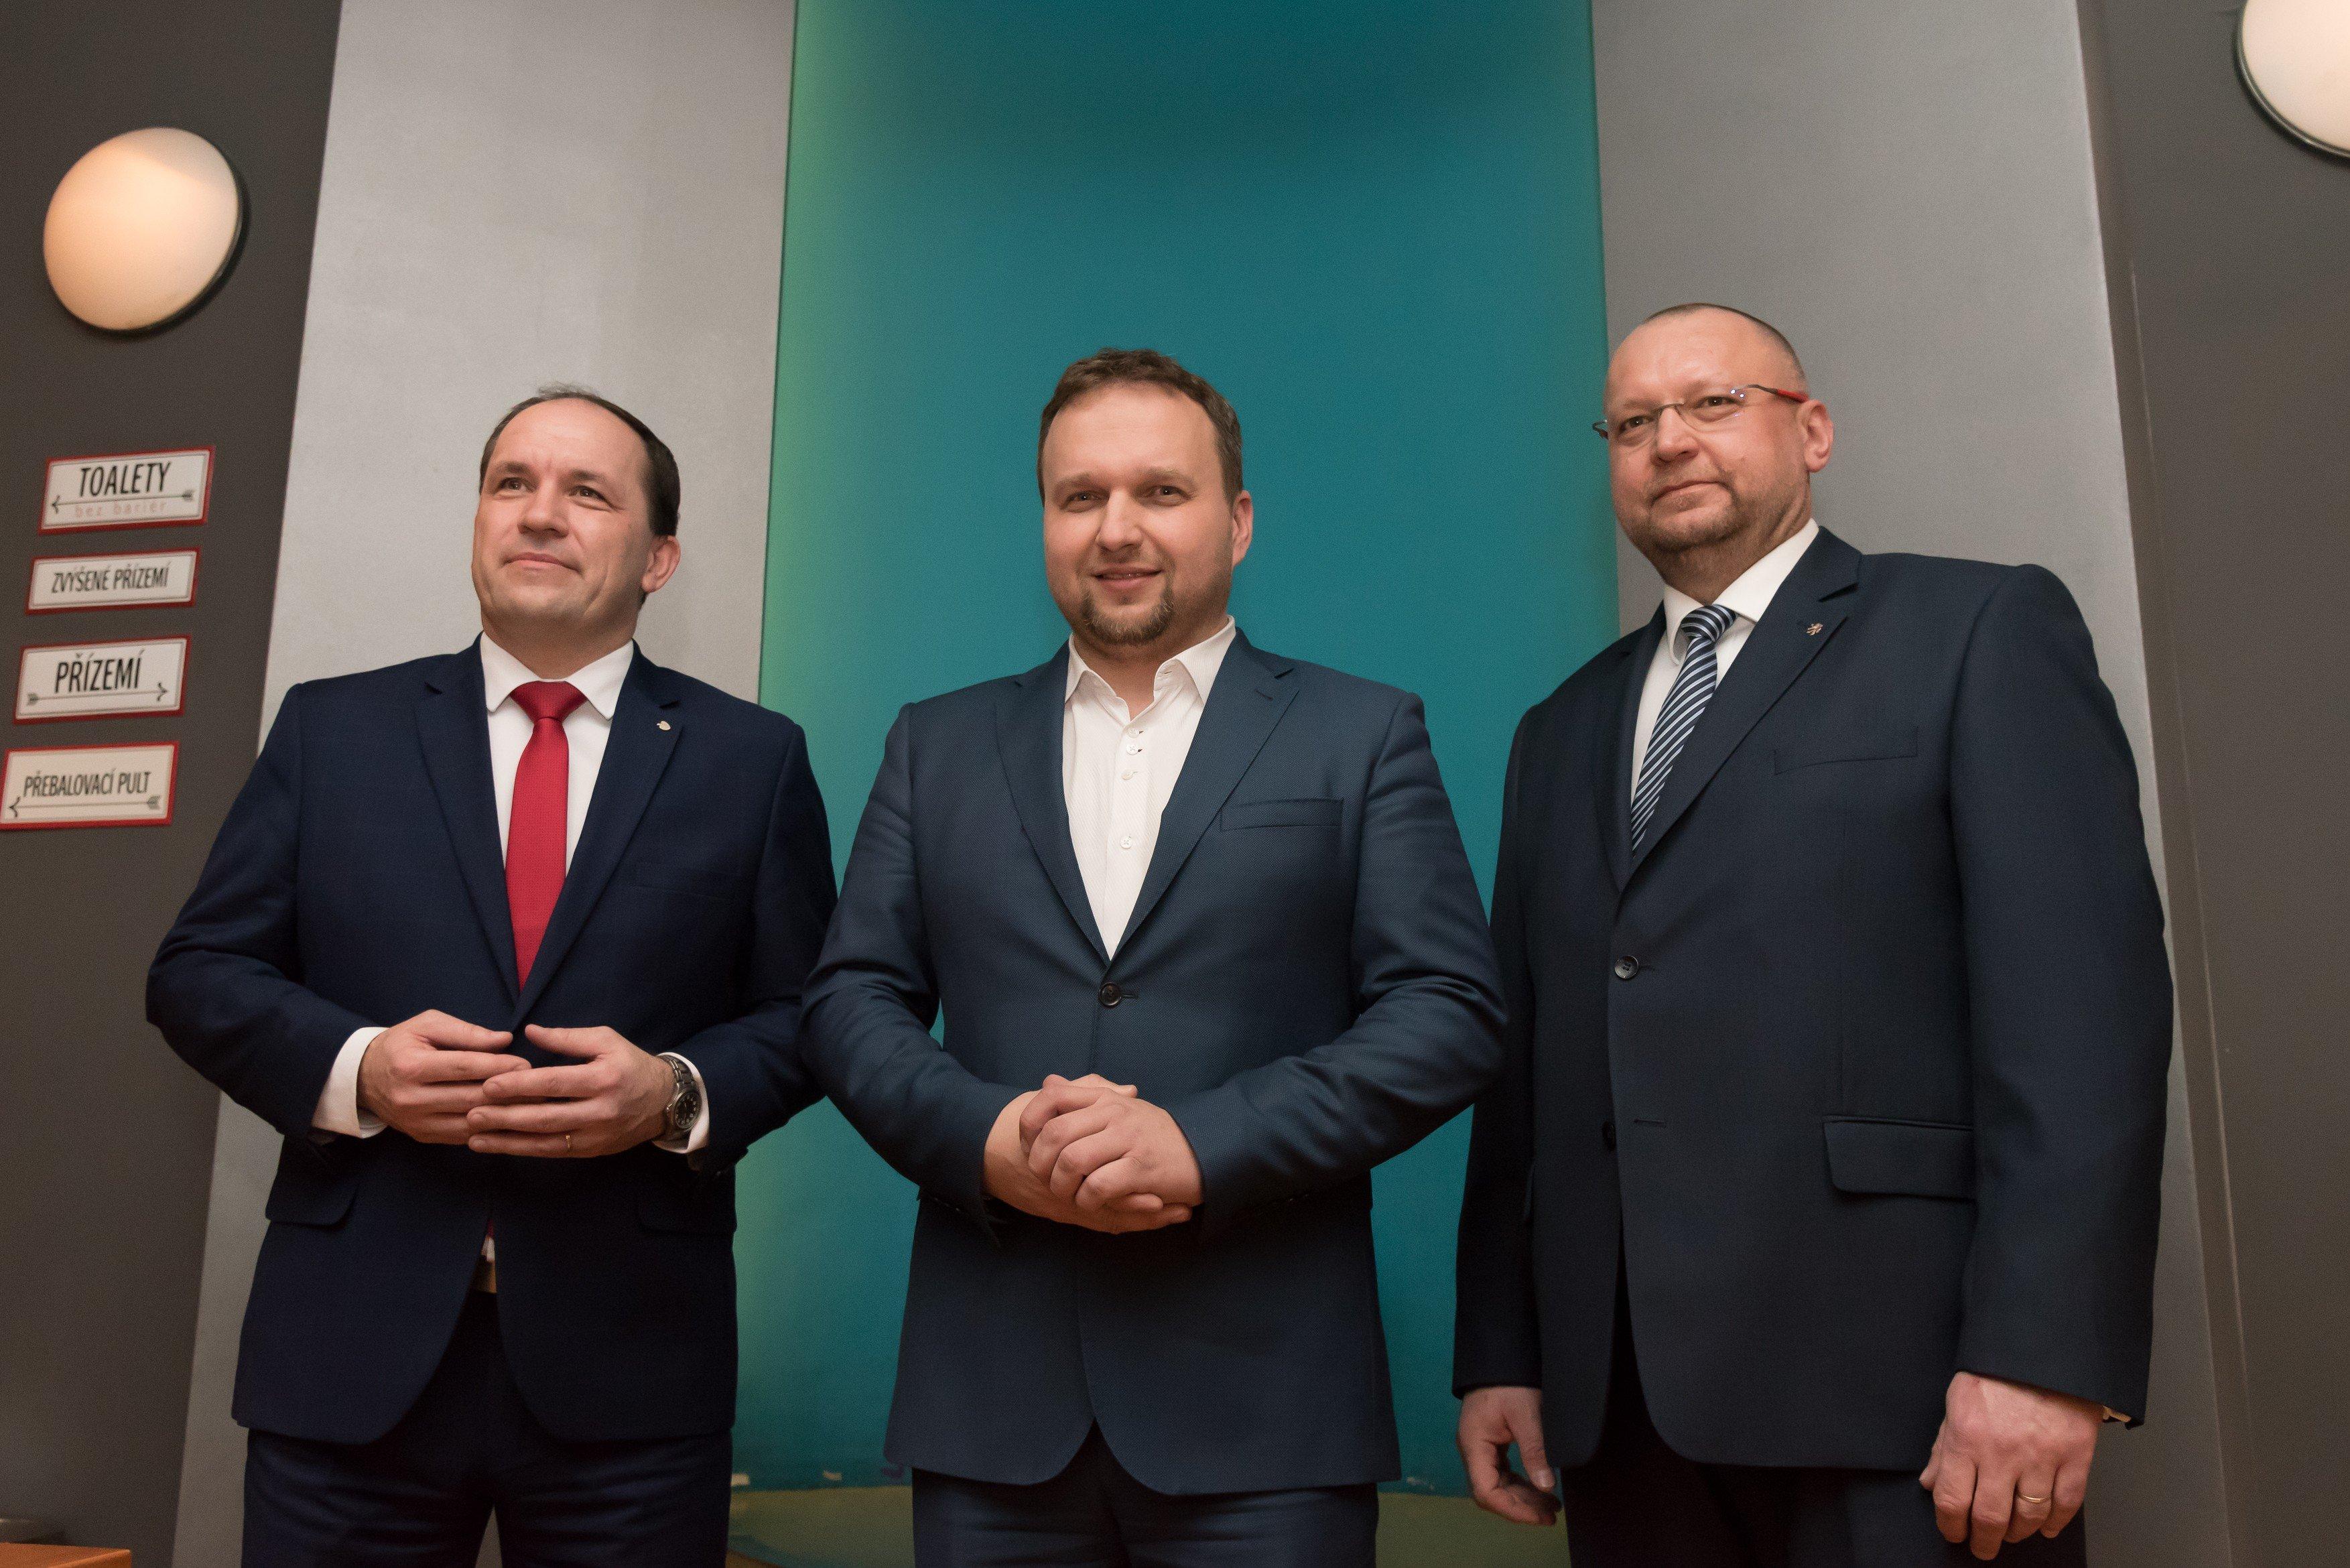 Marek Výborný, Marian Jurečka, Jan Bartošek